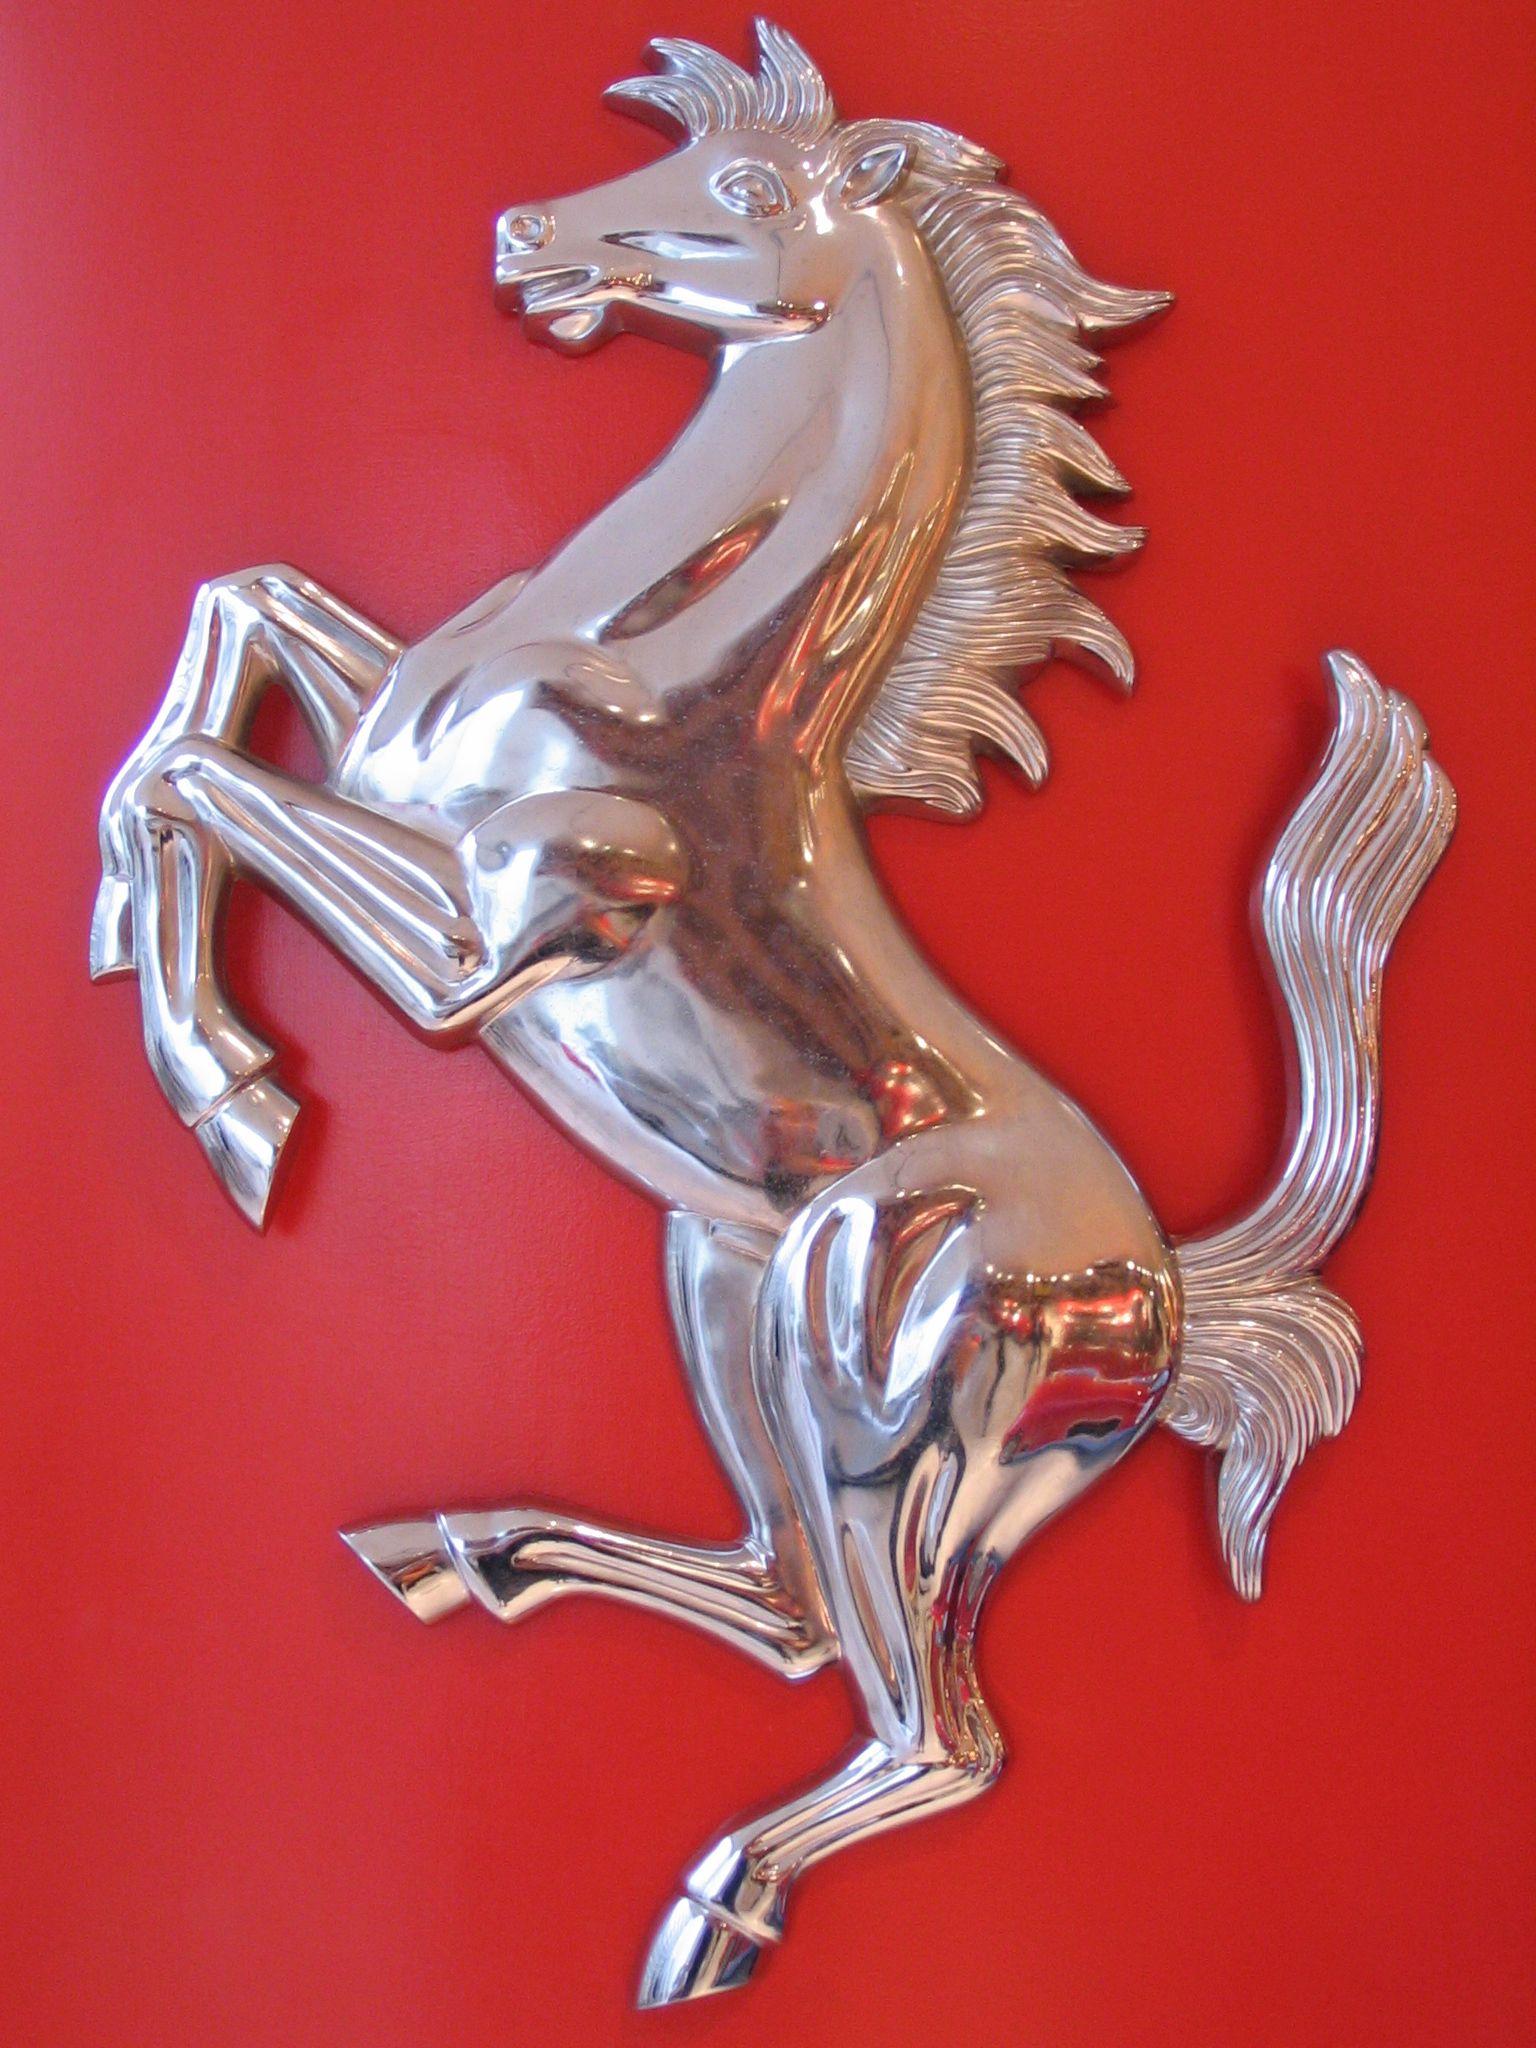 Ferrari フェラーリ ロゴ フェラーリ エンブレム フェラーリ